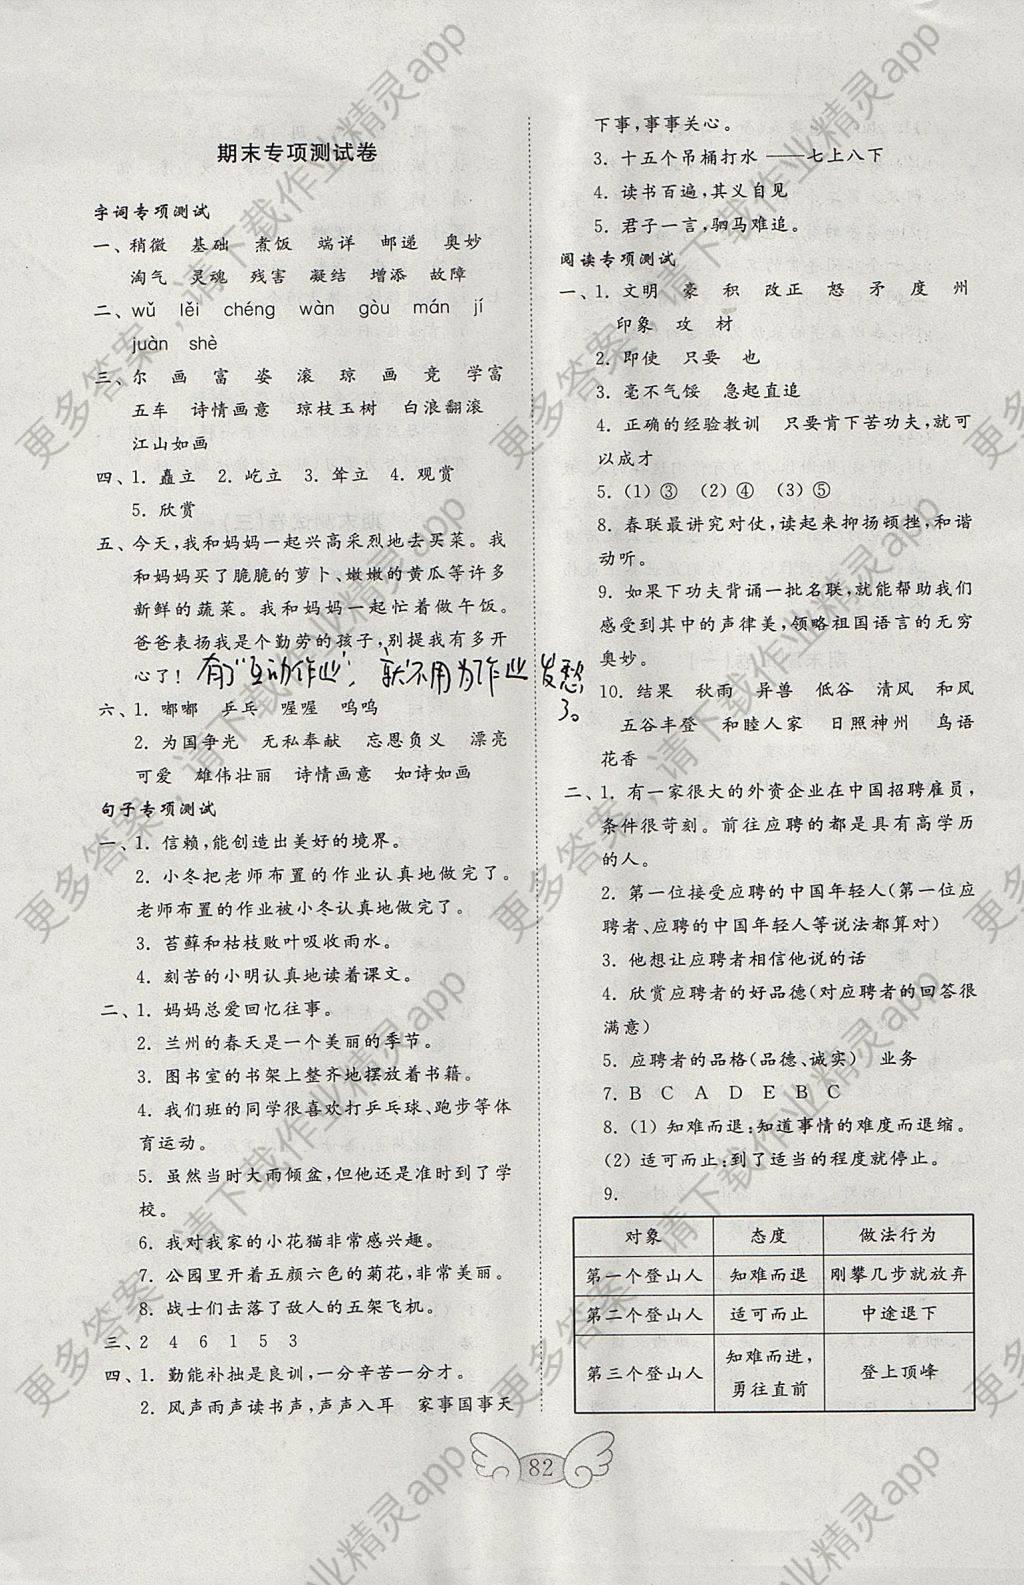 2017年金钥匙小学语文试卷四年级上册苏教版